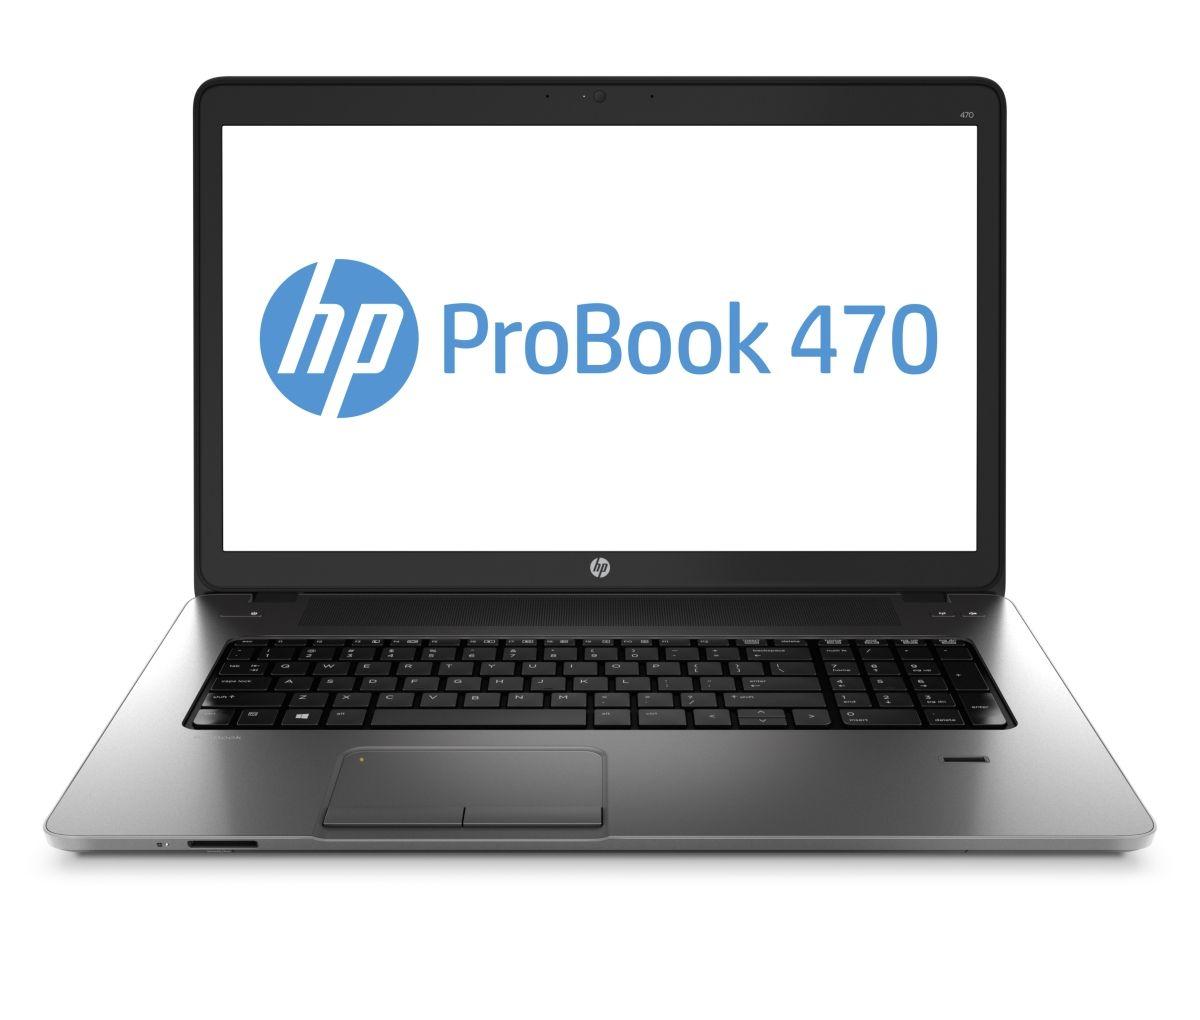 HP ProBook 470 - 1